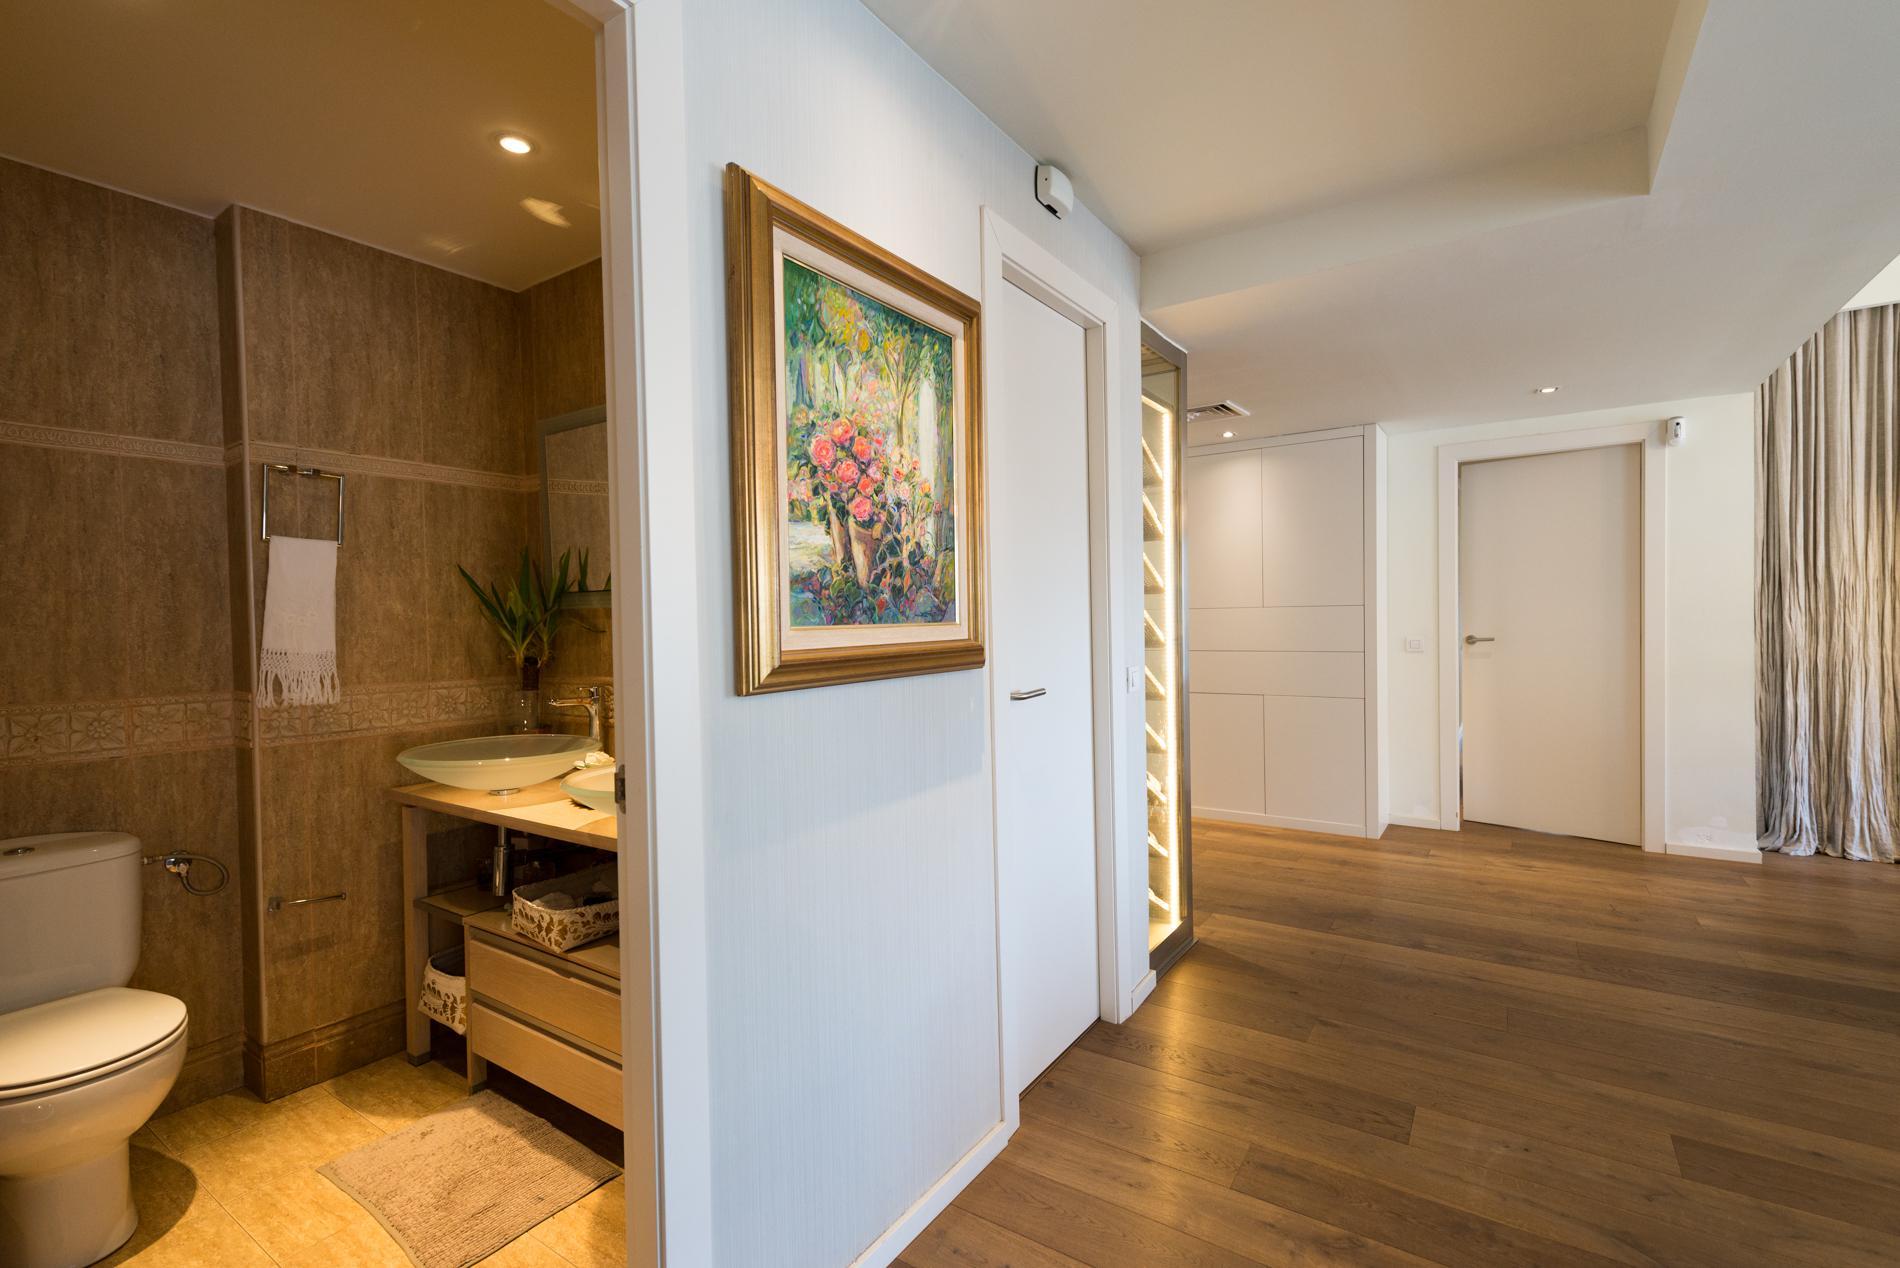 222426 Apartment for sale in Eixample, Dreta Eixample 32